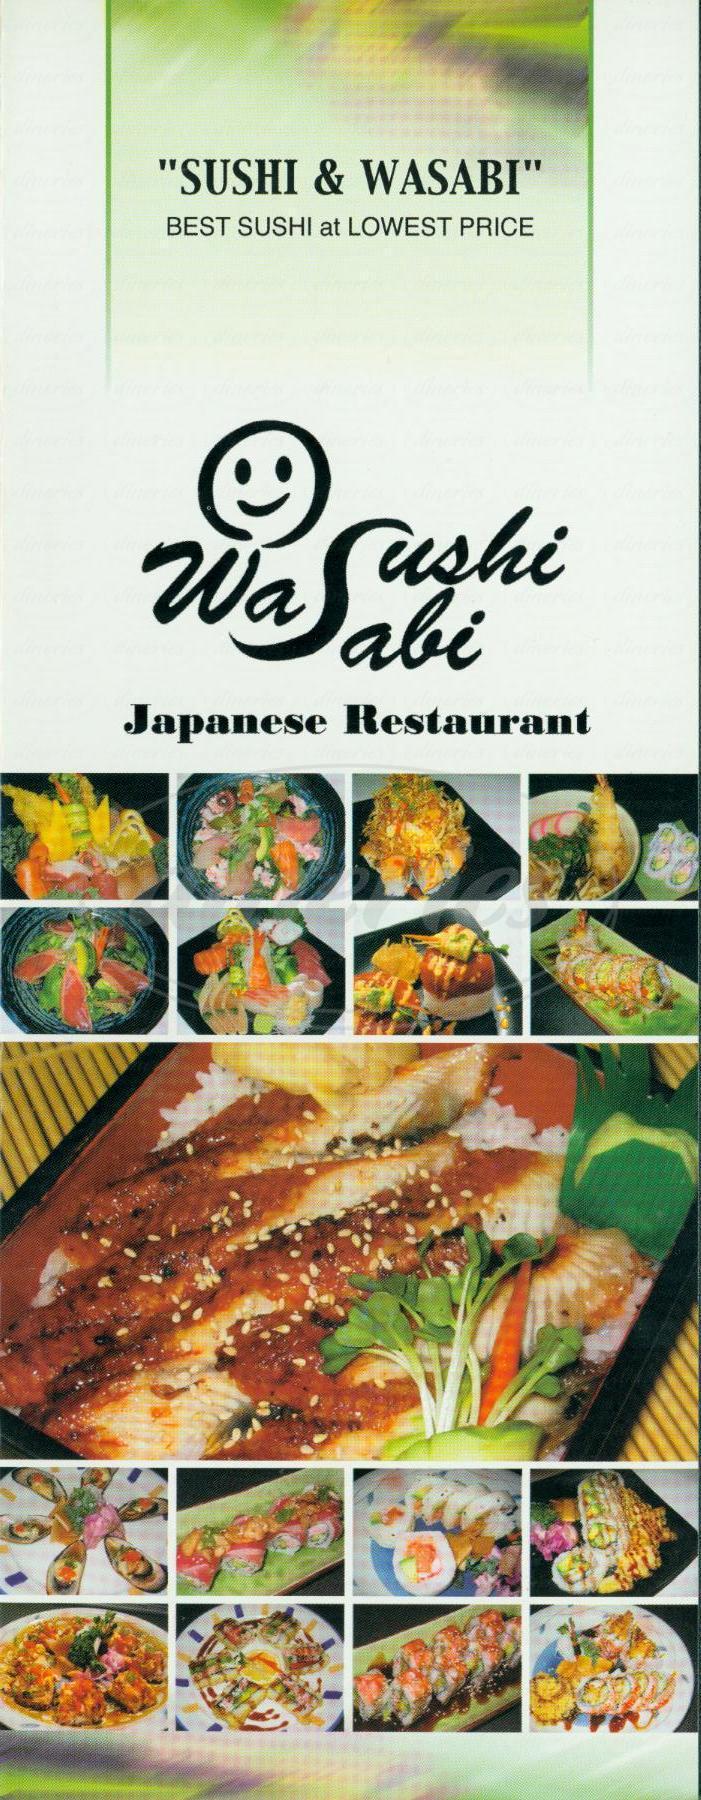 menu for Wasabi Sushi